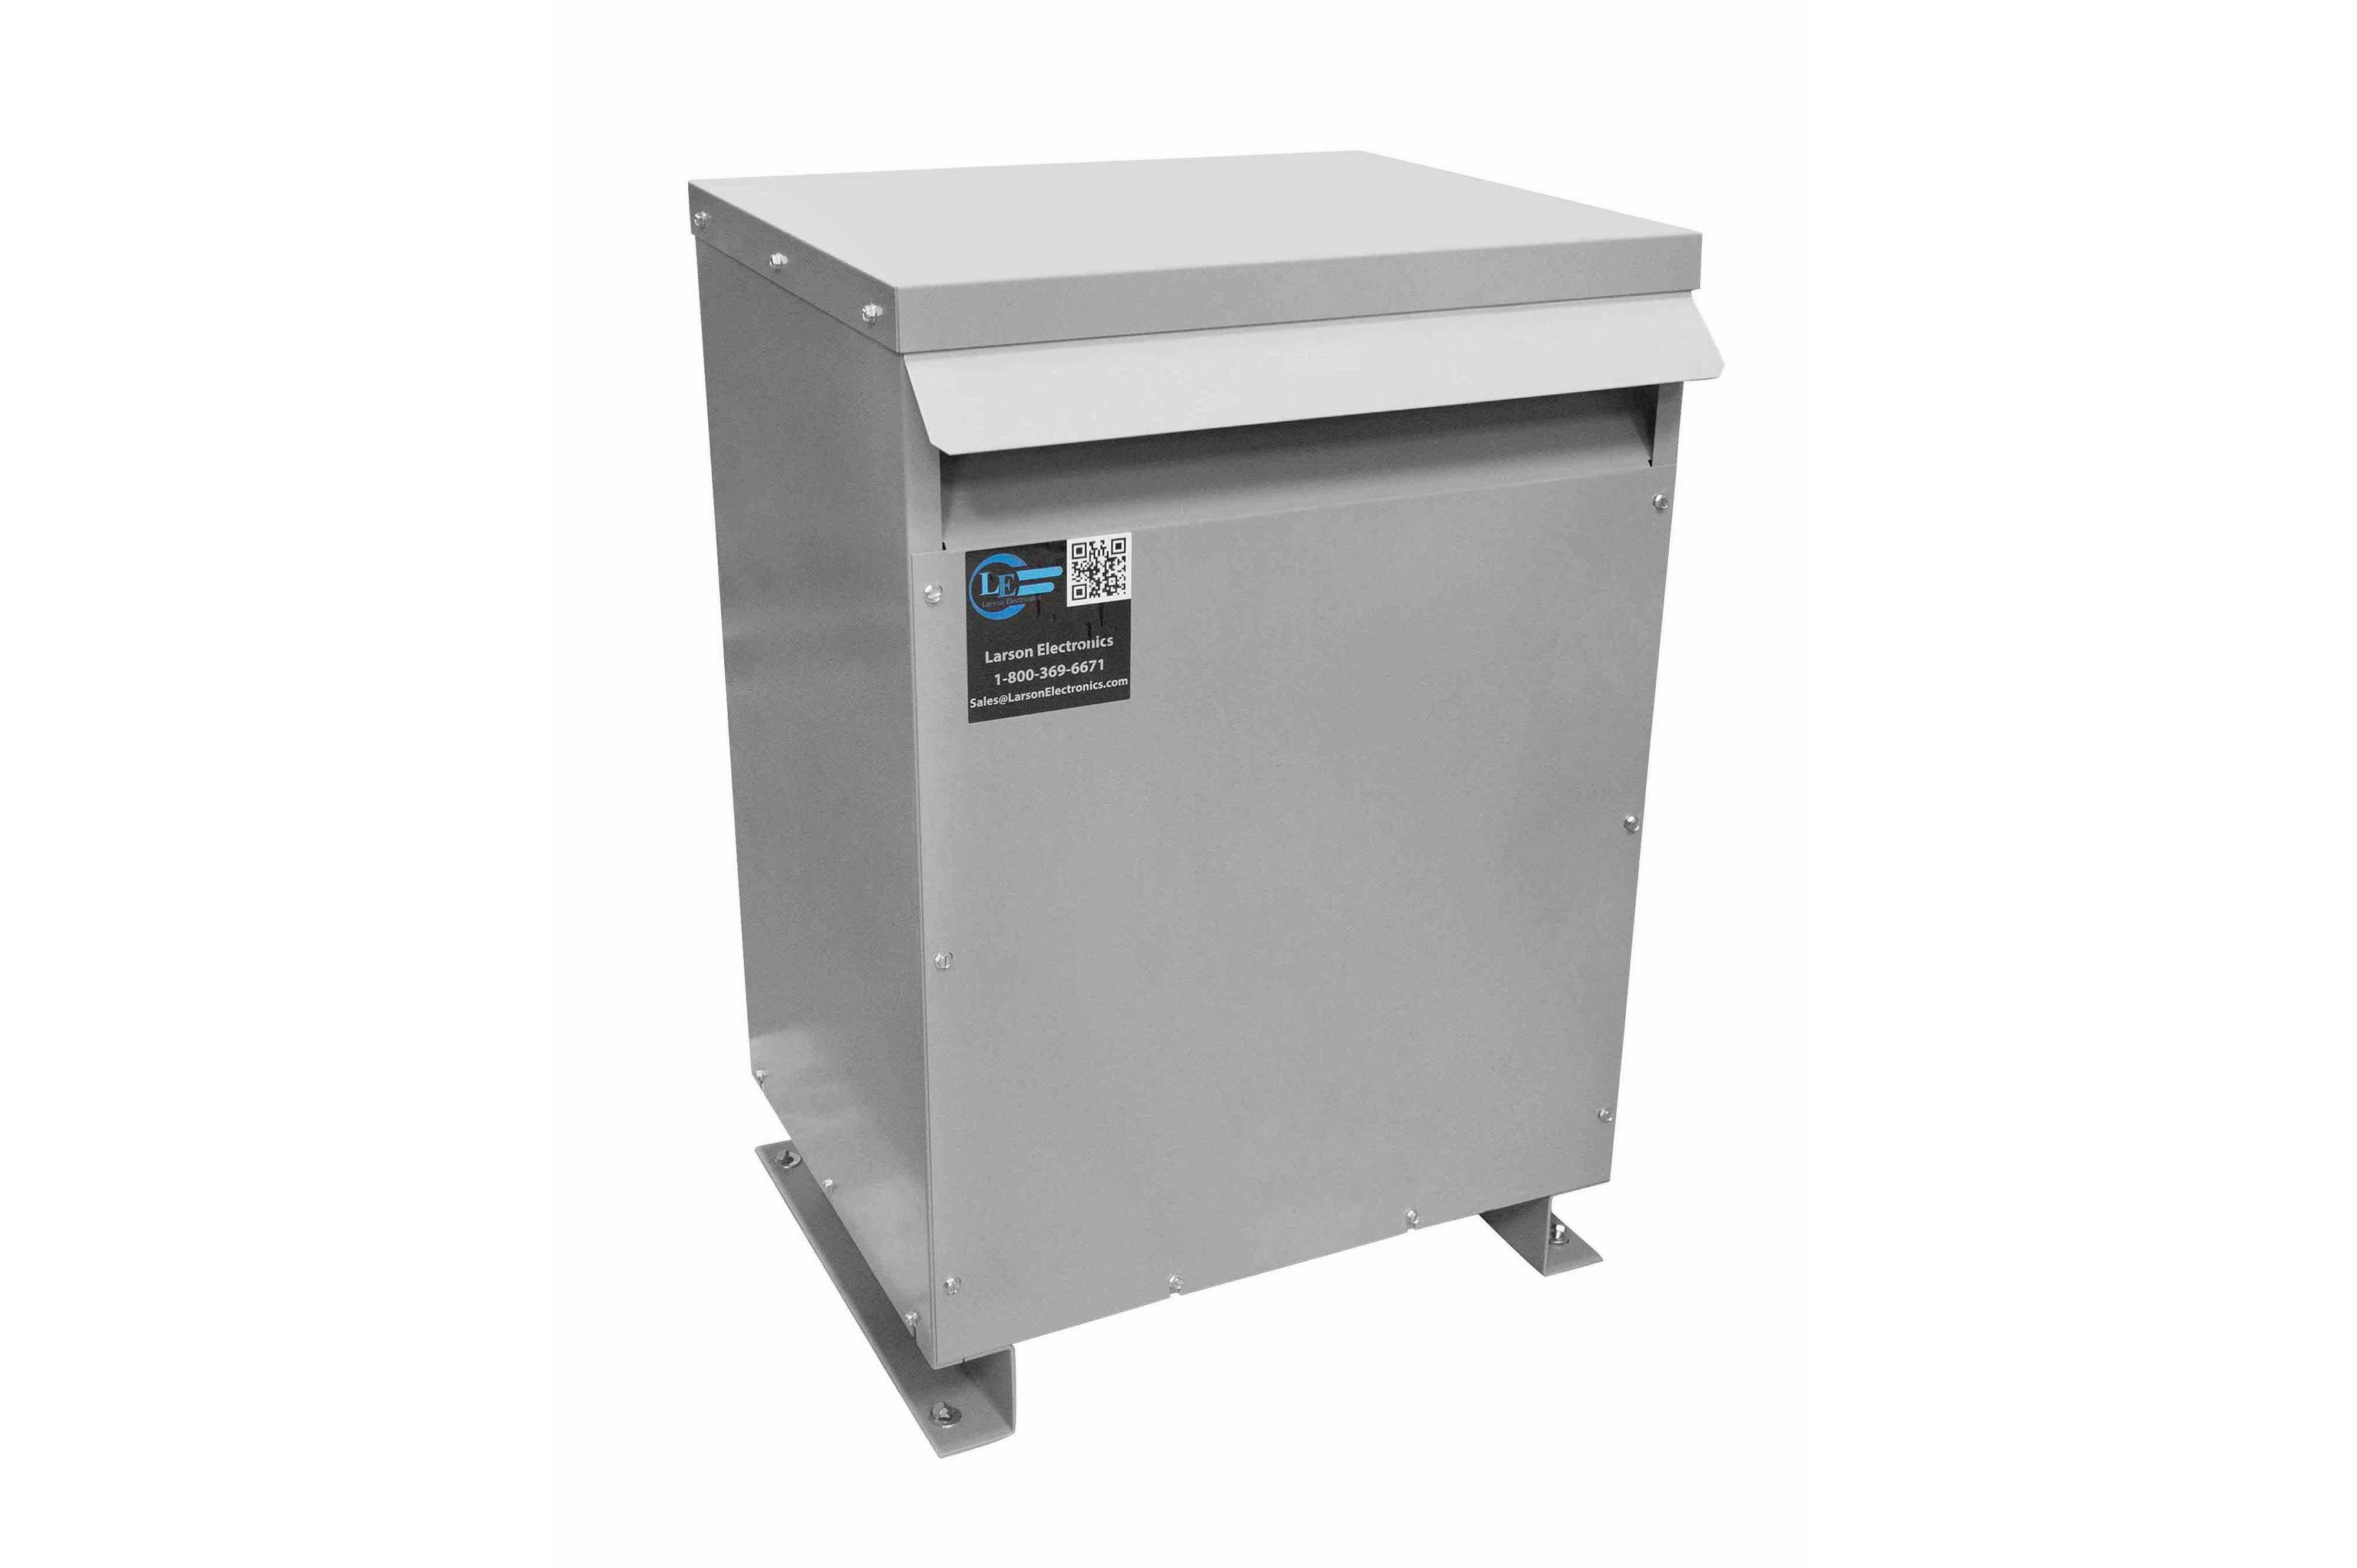 275 kVA 3PH Isolation Transformer, 240V Delta Primary, 208V Delta Secondary, N3R, Ventilated, 60 Hz